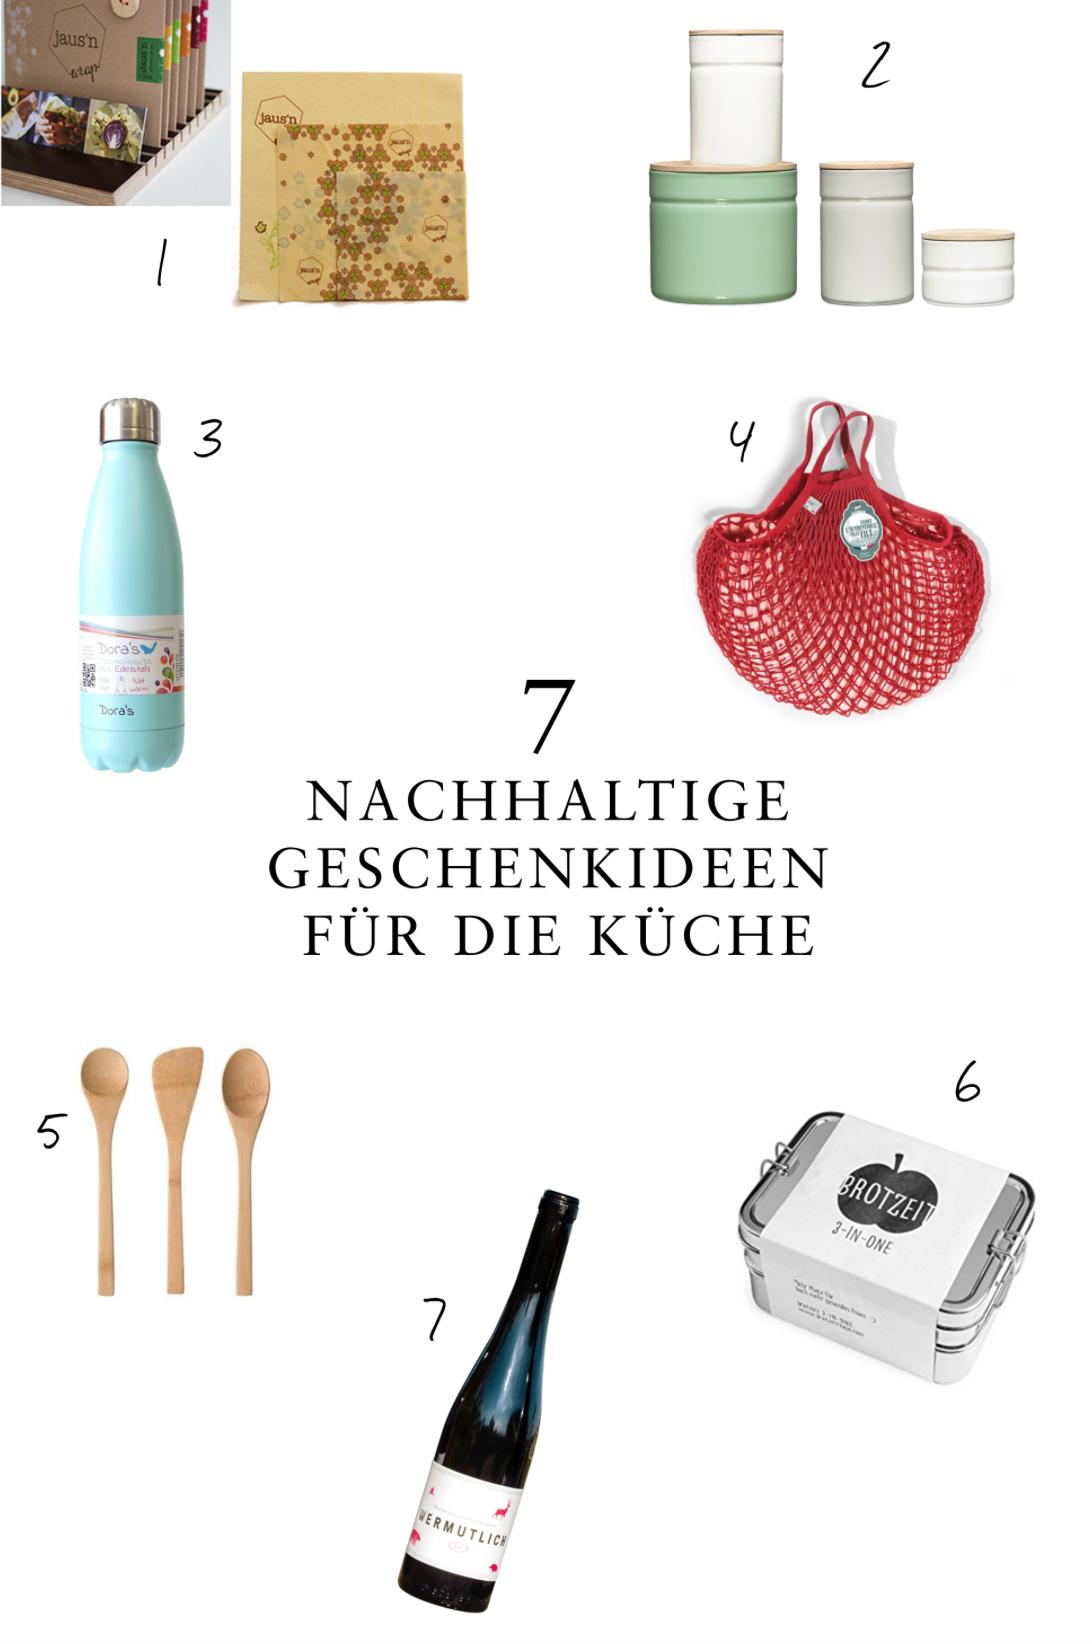 7 Nachhaltige Geschenktipps Fur Die Kuche Das Mundwerk Das Mundwerk